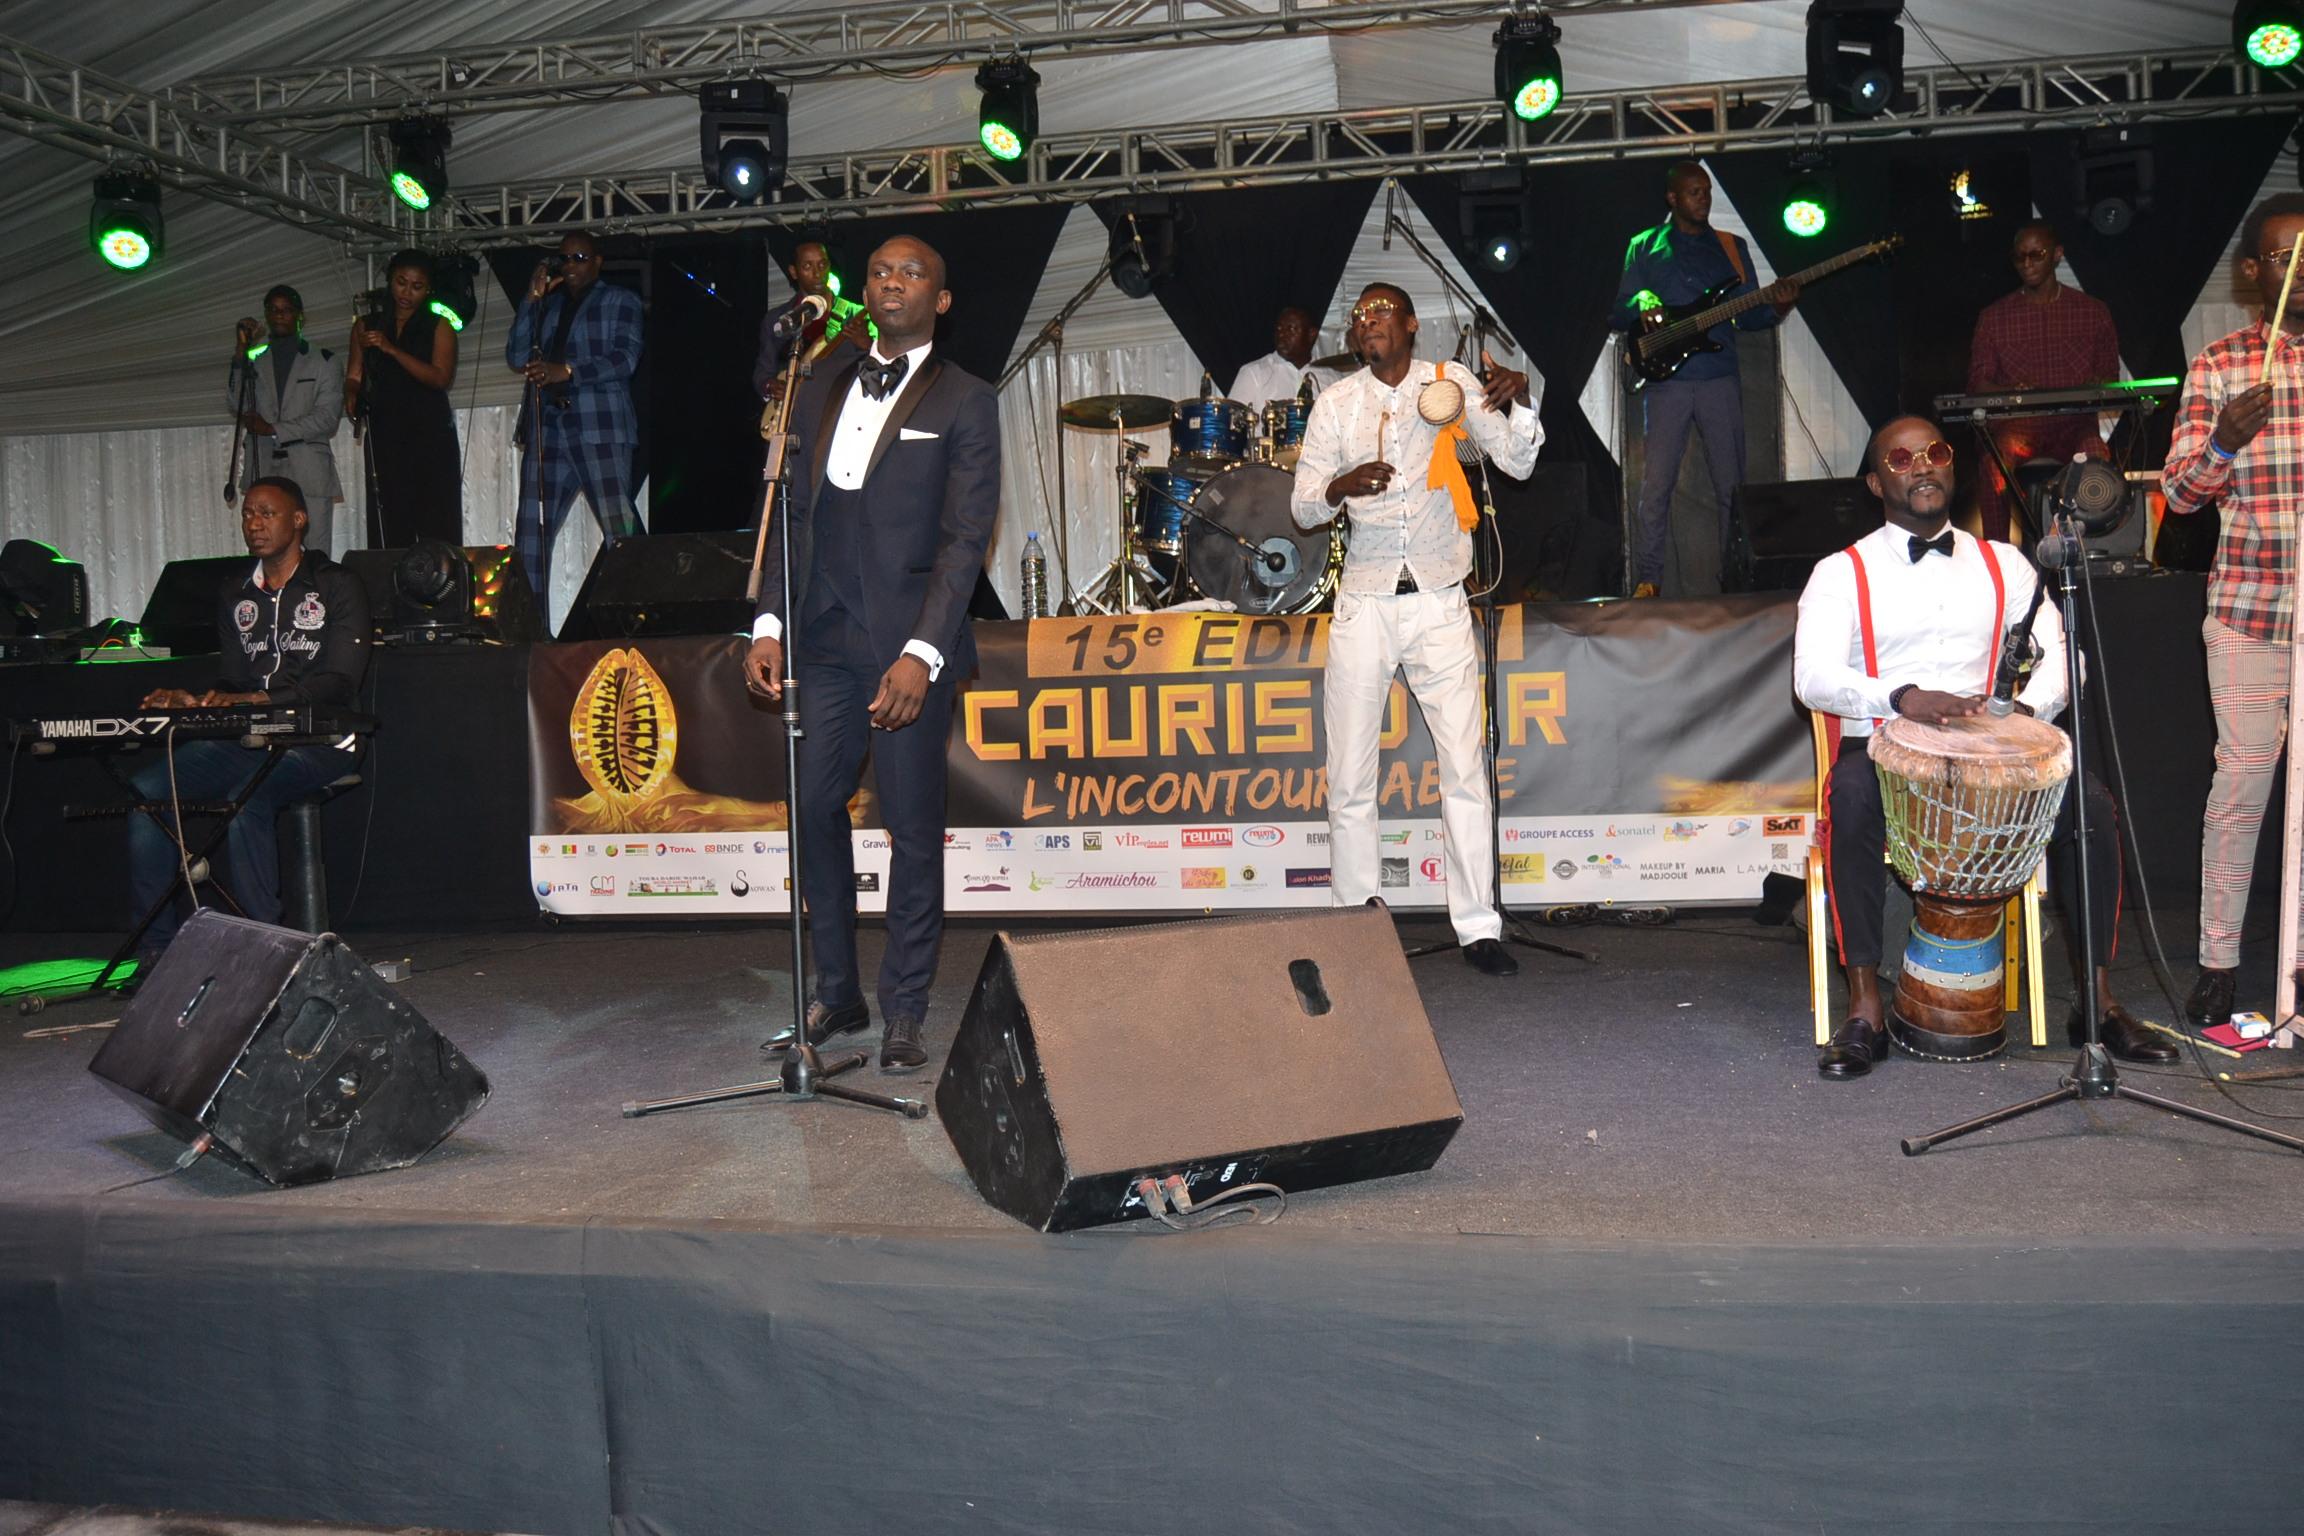 CAURIS D'OR :Pape Diouf met le feu à la cérémonie de remises de distinctions ce samedi 20 avril au King Fahd Place. REGARDEZ